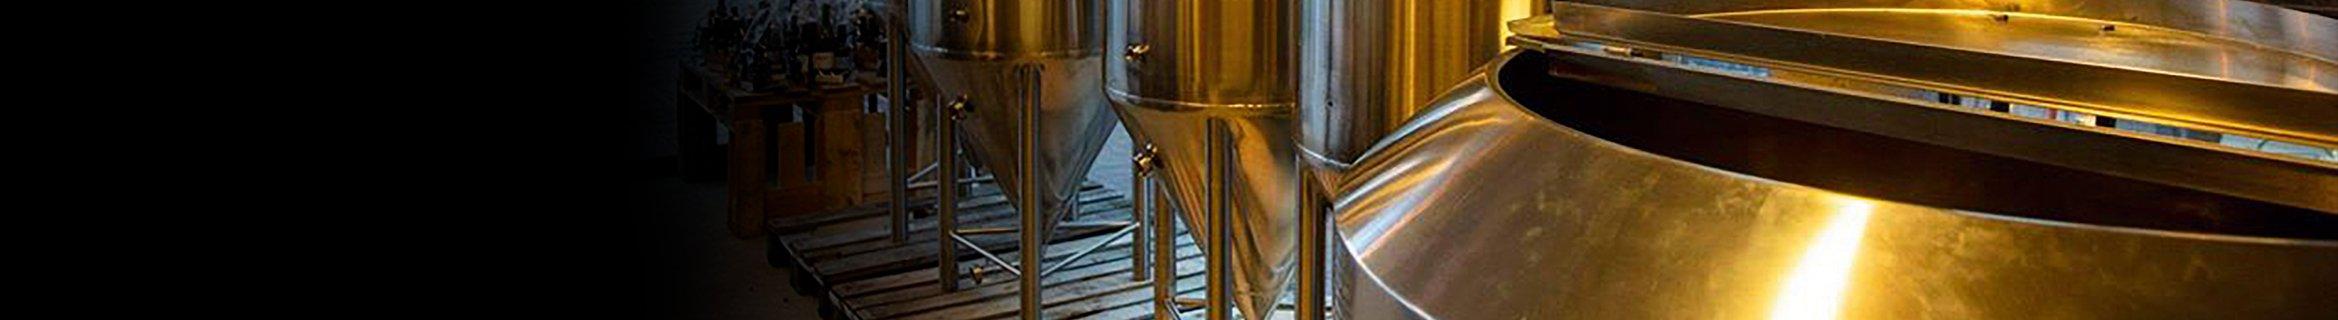 BRAUW bierabonnement banner